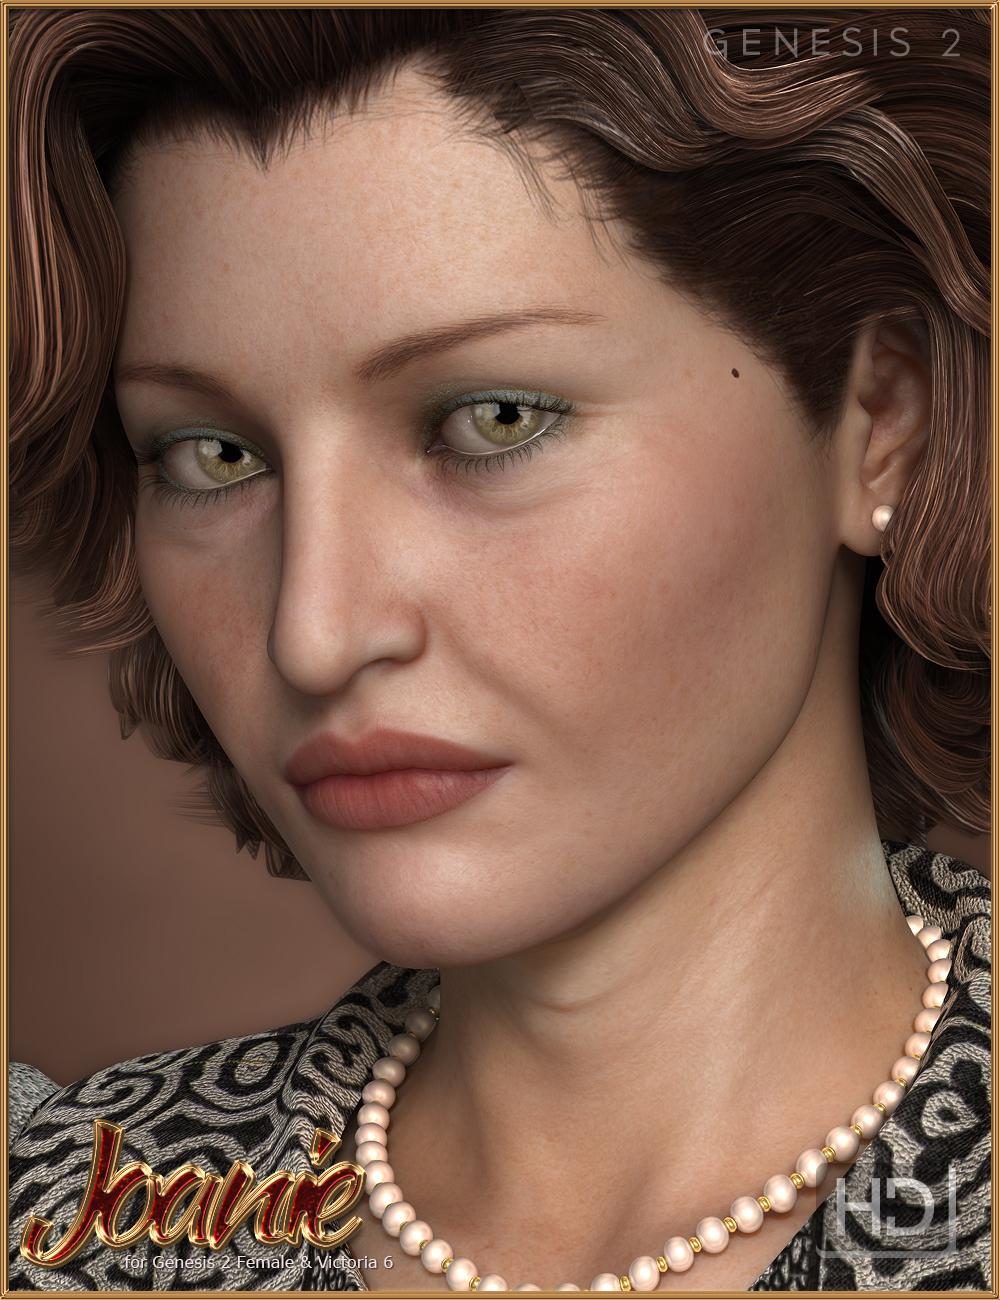 FW Joanie HD by: Fred Winkler ArtFisty & Darc, 3D Models by Daz 3D